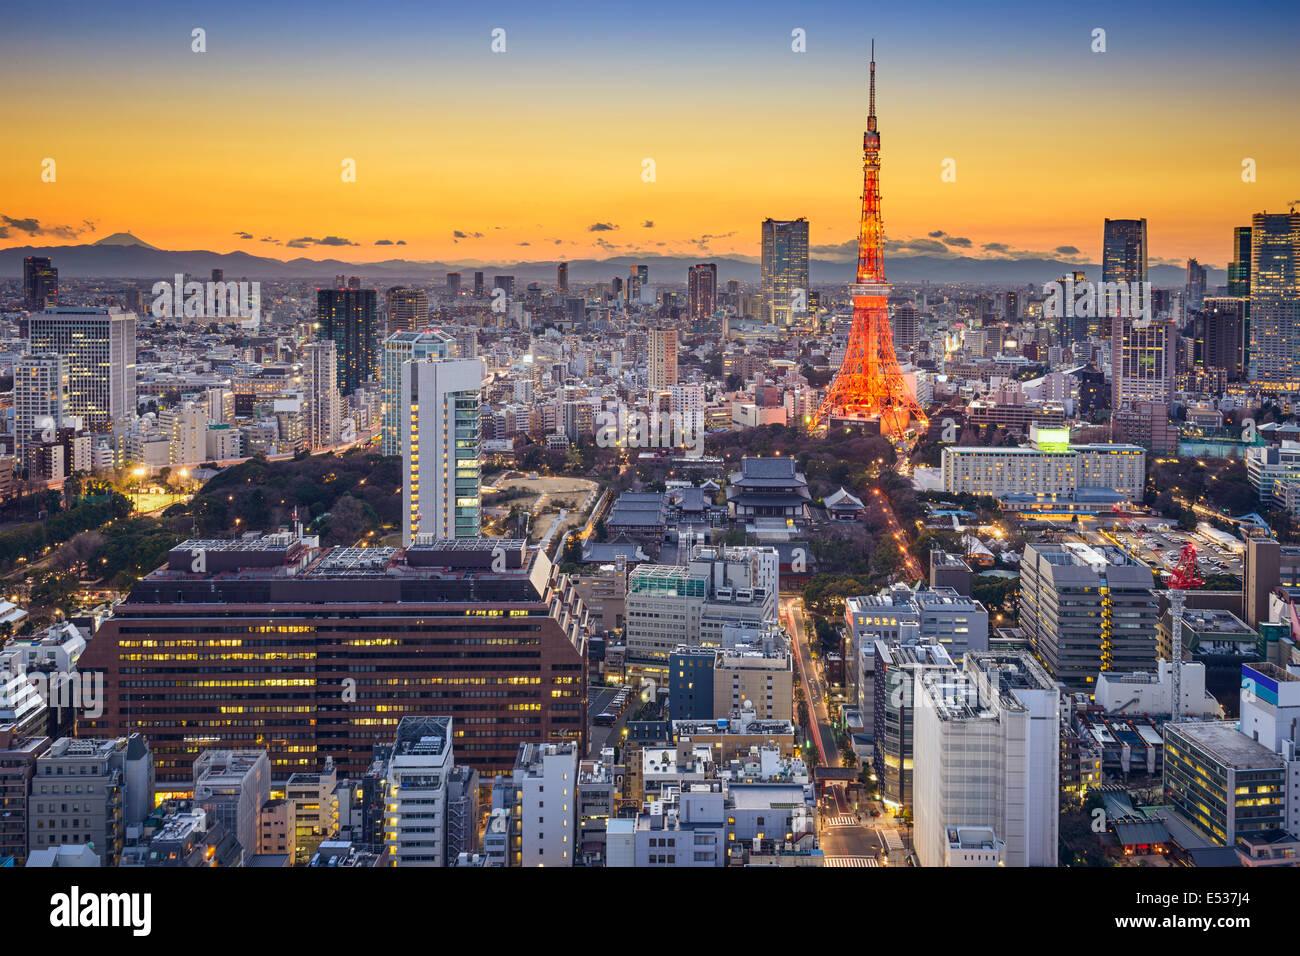 Tokyo, Giappone skyline di Minato Ward. Immagini Stock